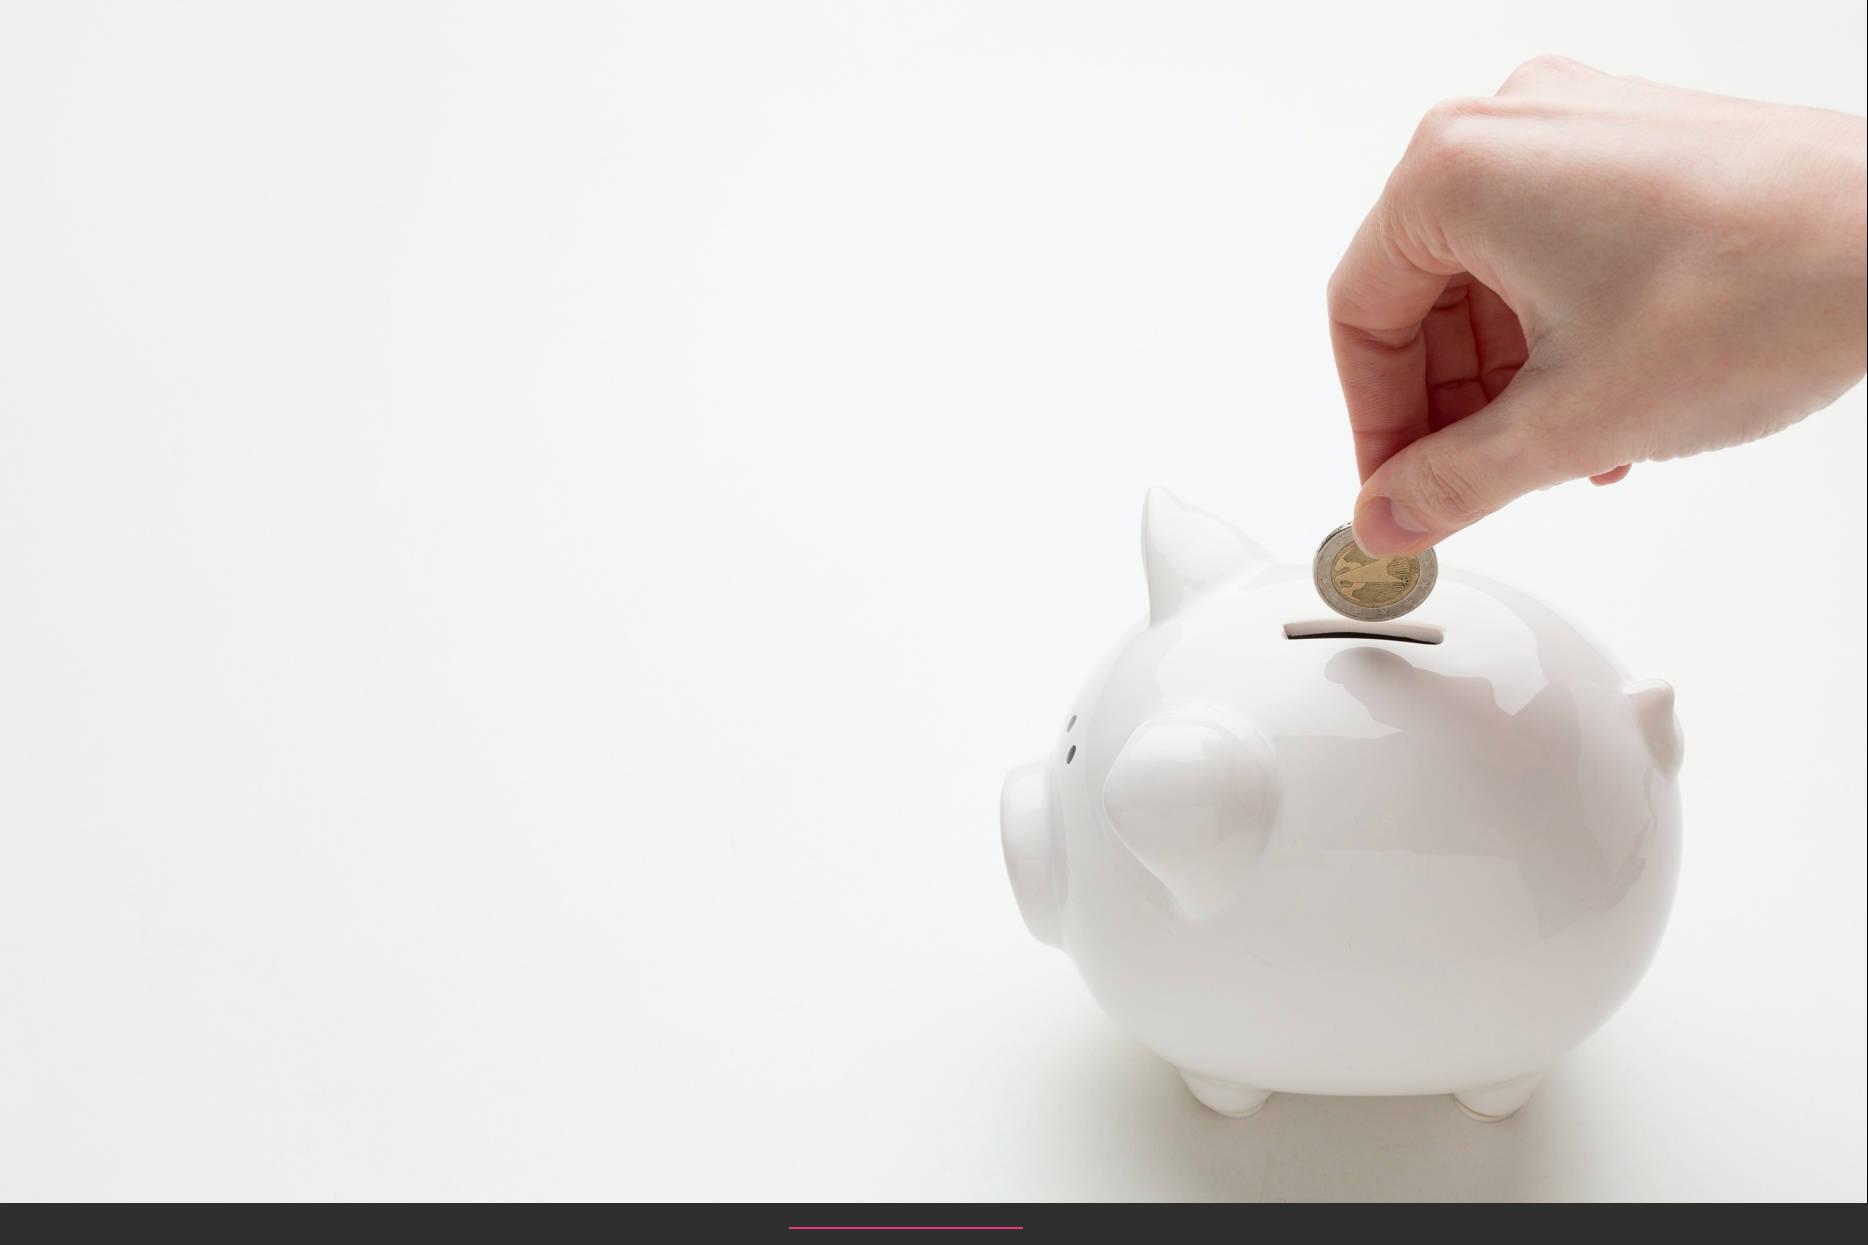 Mit Aufräumen, Geld verdienen! - Tipps & Tricks für mehr Erfolg 5